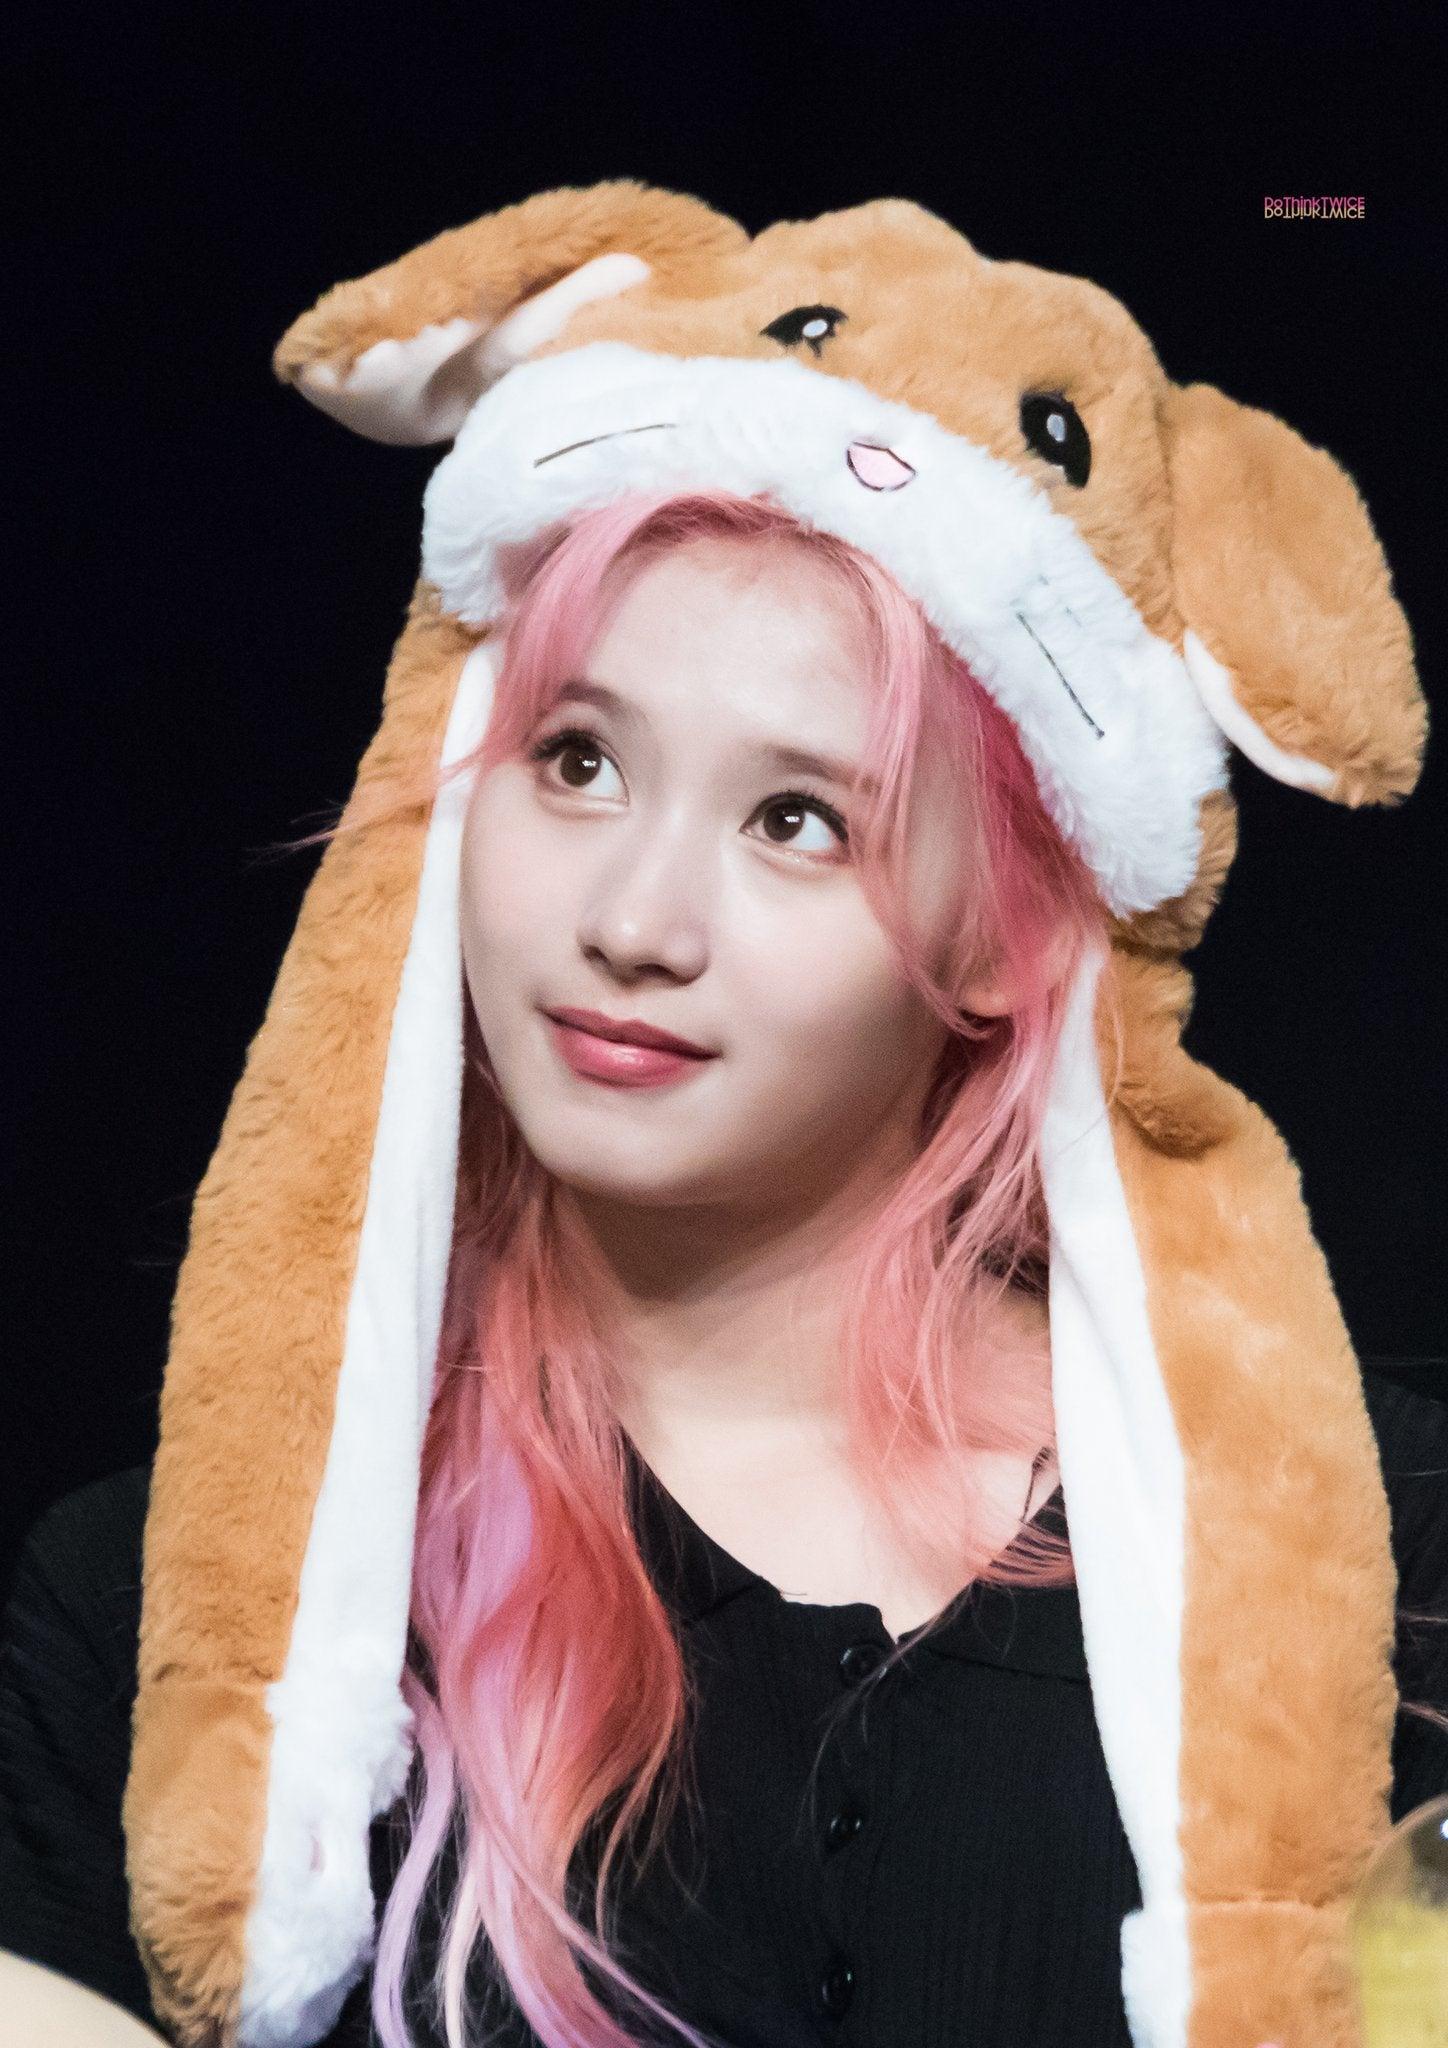 cute idol 25